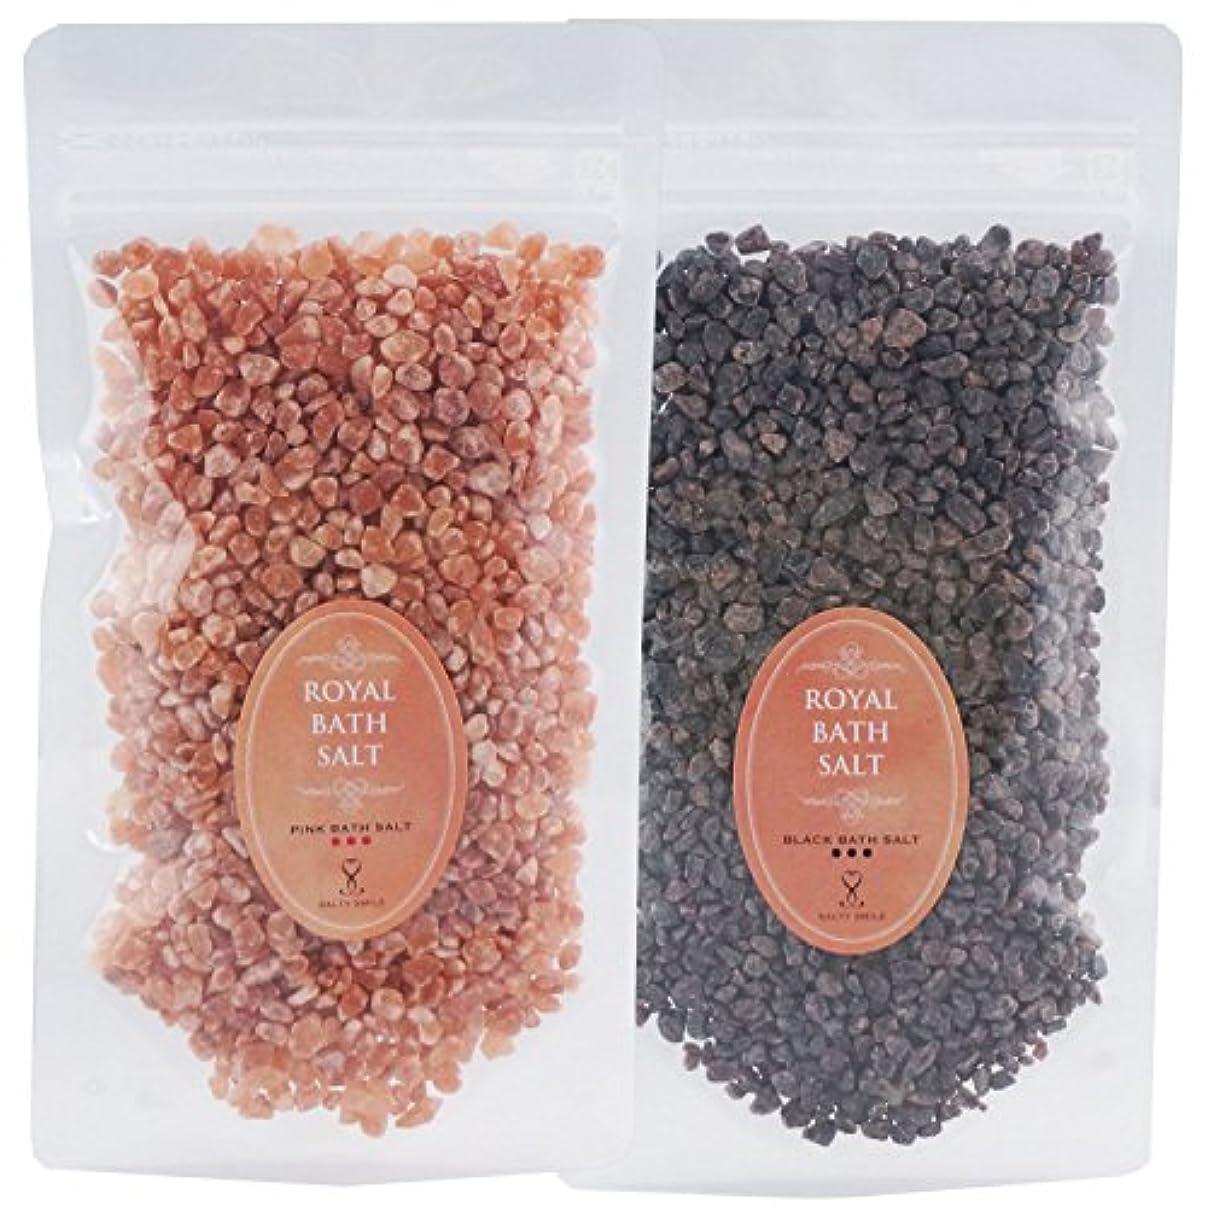 いとこ取り付け見込みロイヤル バスソルト ヒマラヤ岩塩 ピンク ブラック グレイン 各200g 粗粒 ROYAL BATH SALT